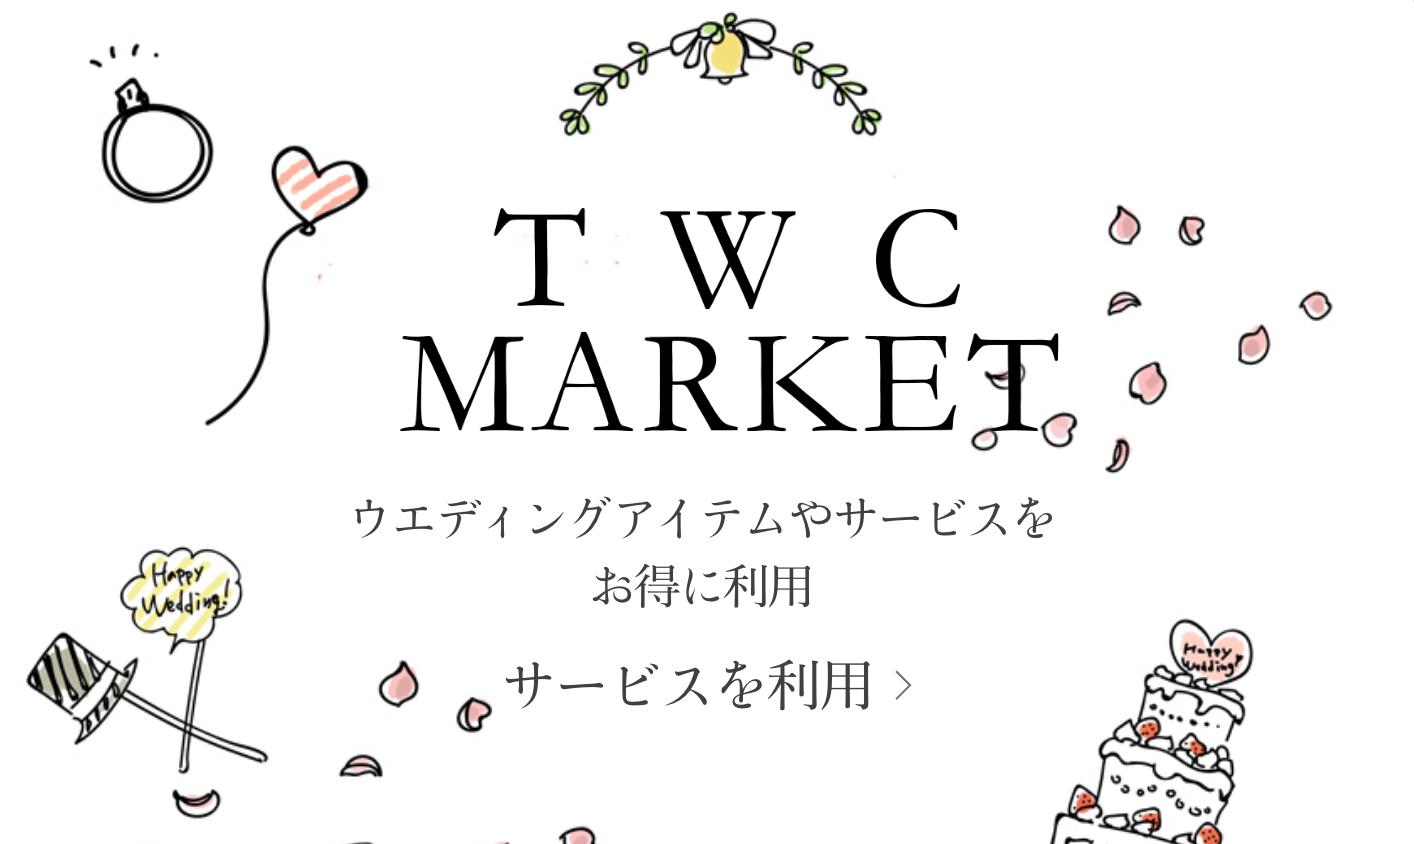 TWC MARKET ウエディングアイテムやサービスをお得に利用